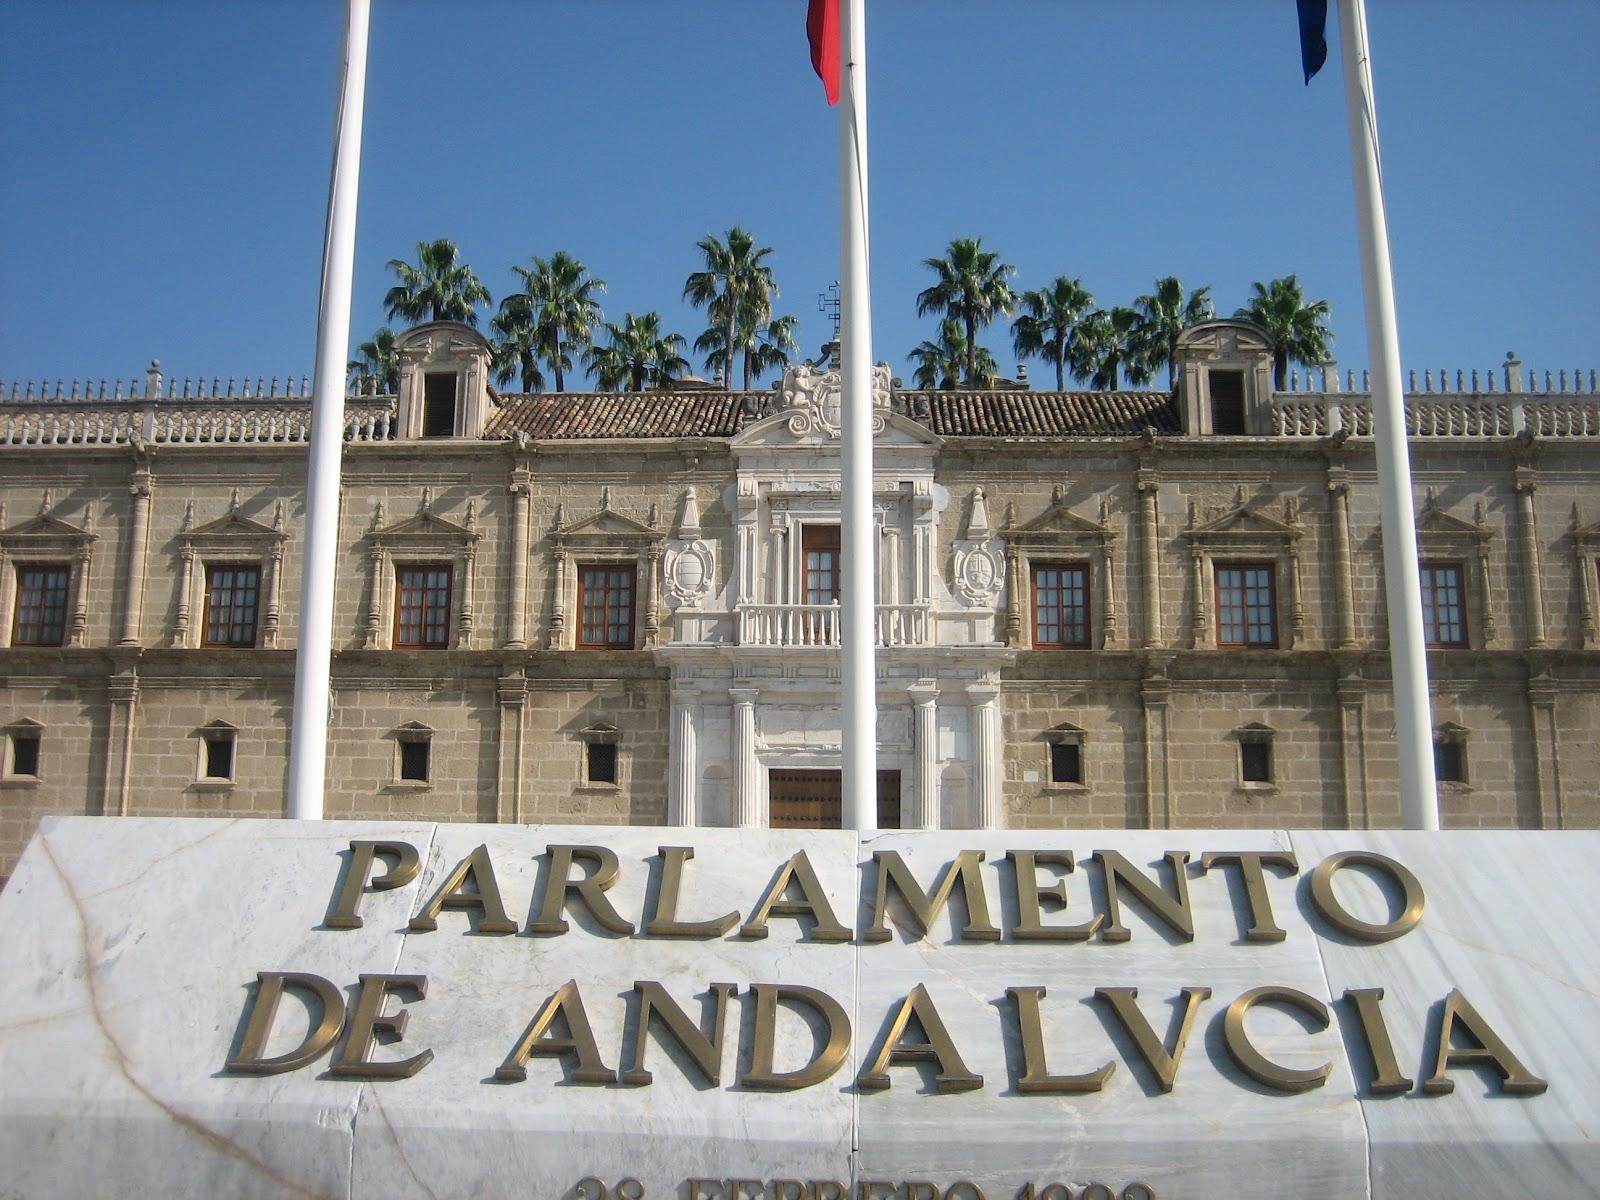 La Cámara de Cuentas alerta de la insuficiente justificación de desvios presupuestarios en agencias públicas